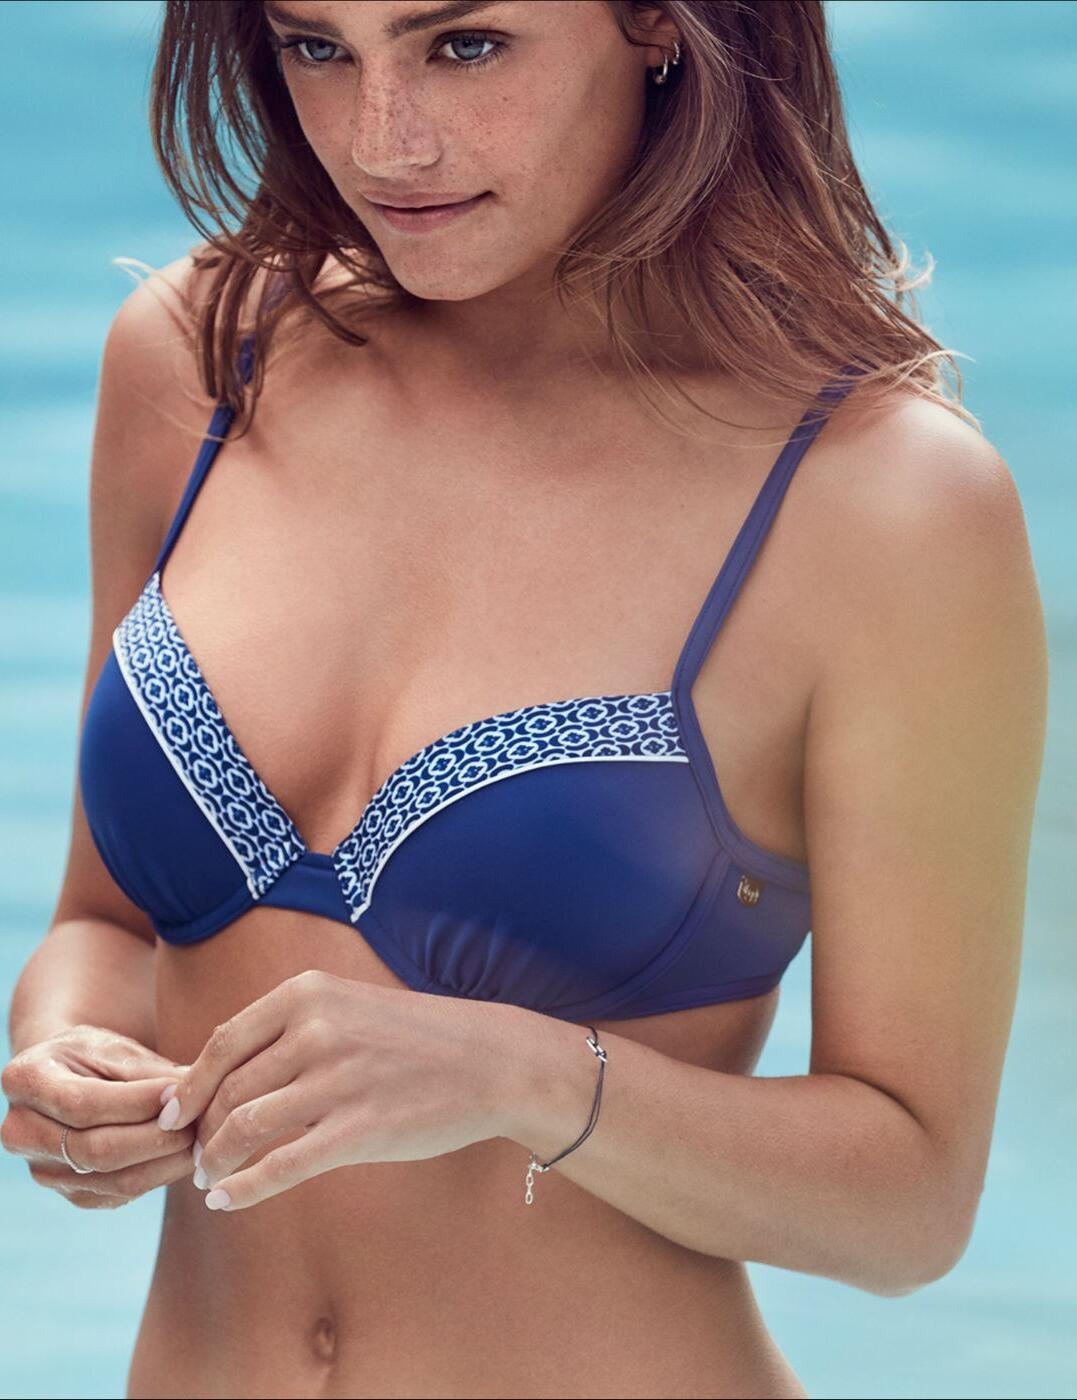 10166373 Sloggi Swim Aqua Essentials Bikini Top Blue - 10166373 Bikini Top